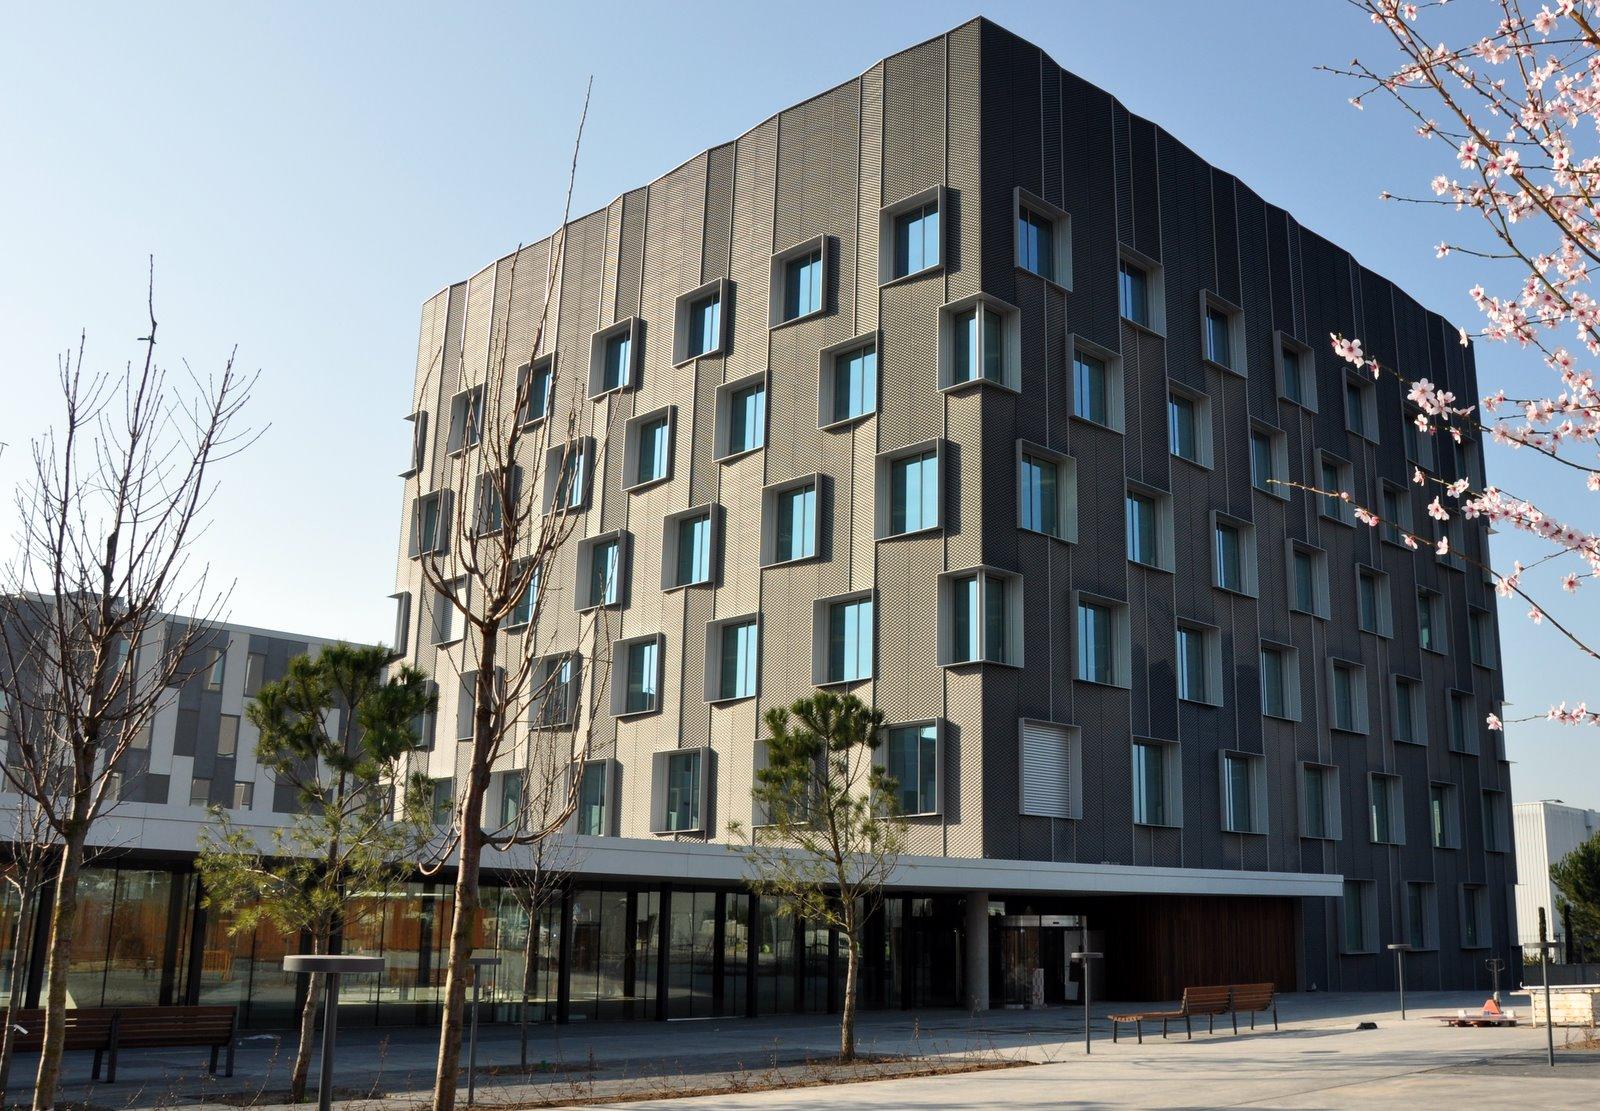 Imar arquitectura metal architecture metal 03 2012 - Estudio arquitectura bilbao ...